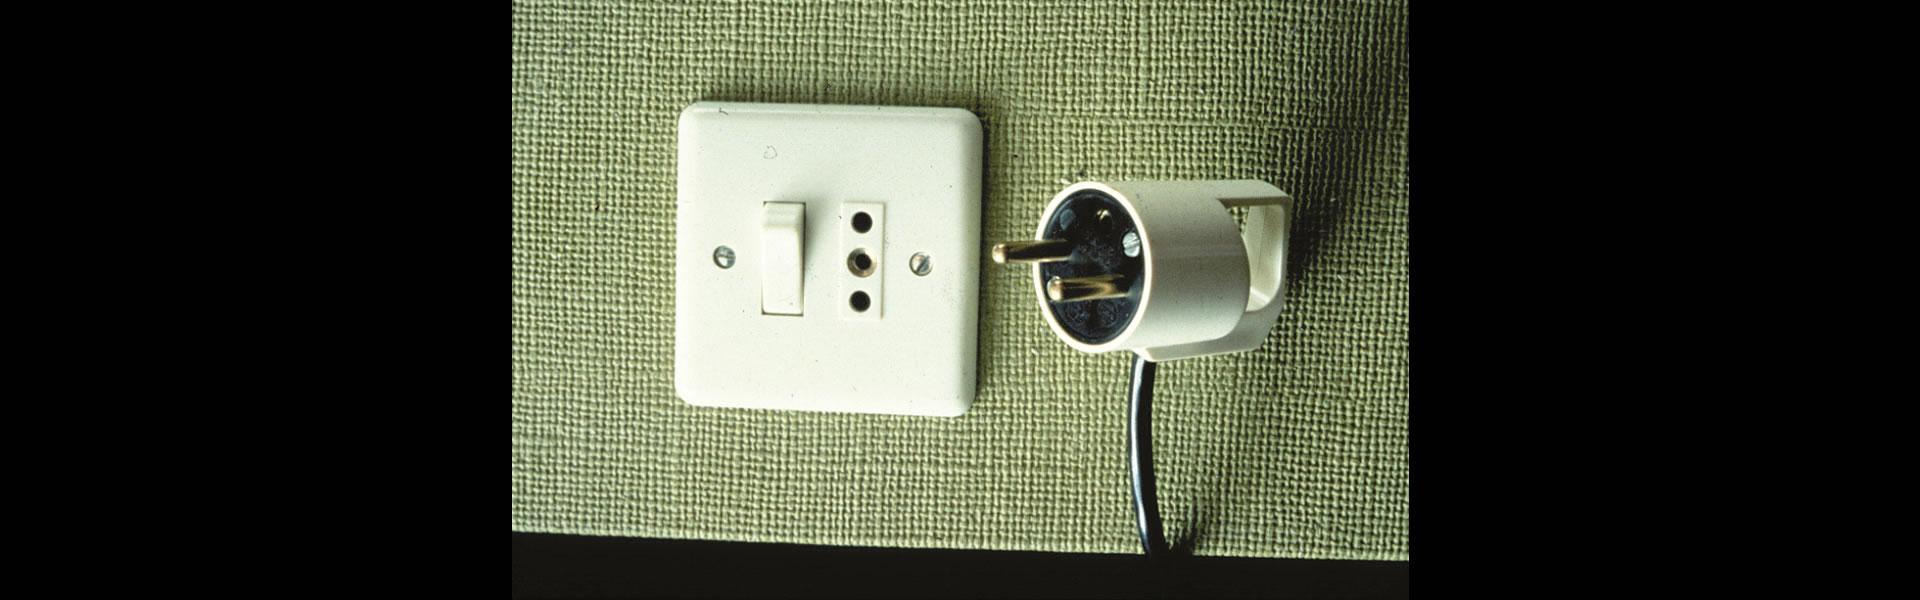 s curit lectrique comment reconna tre un mat riel v tuste. Black Bedroom Furniture Sets. Home Design Ideas